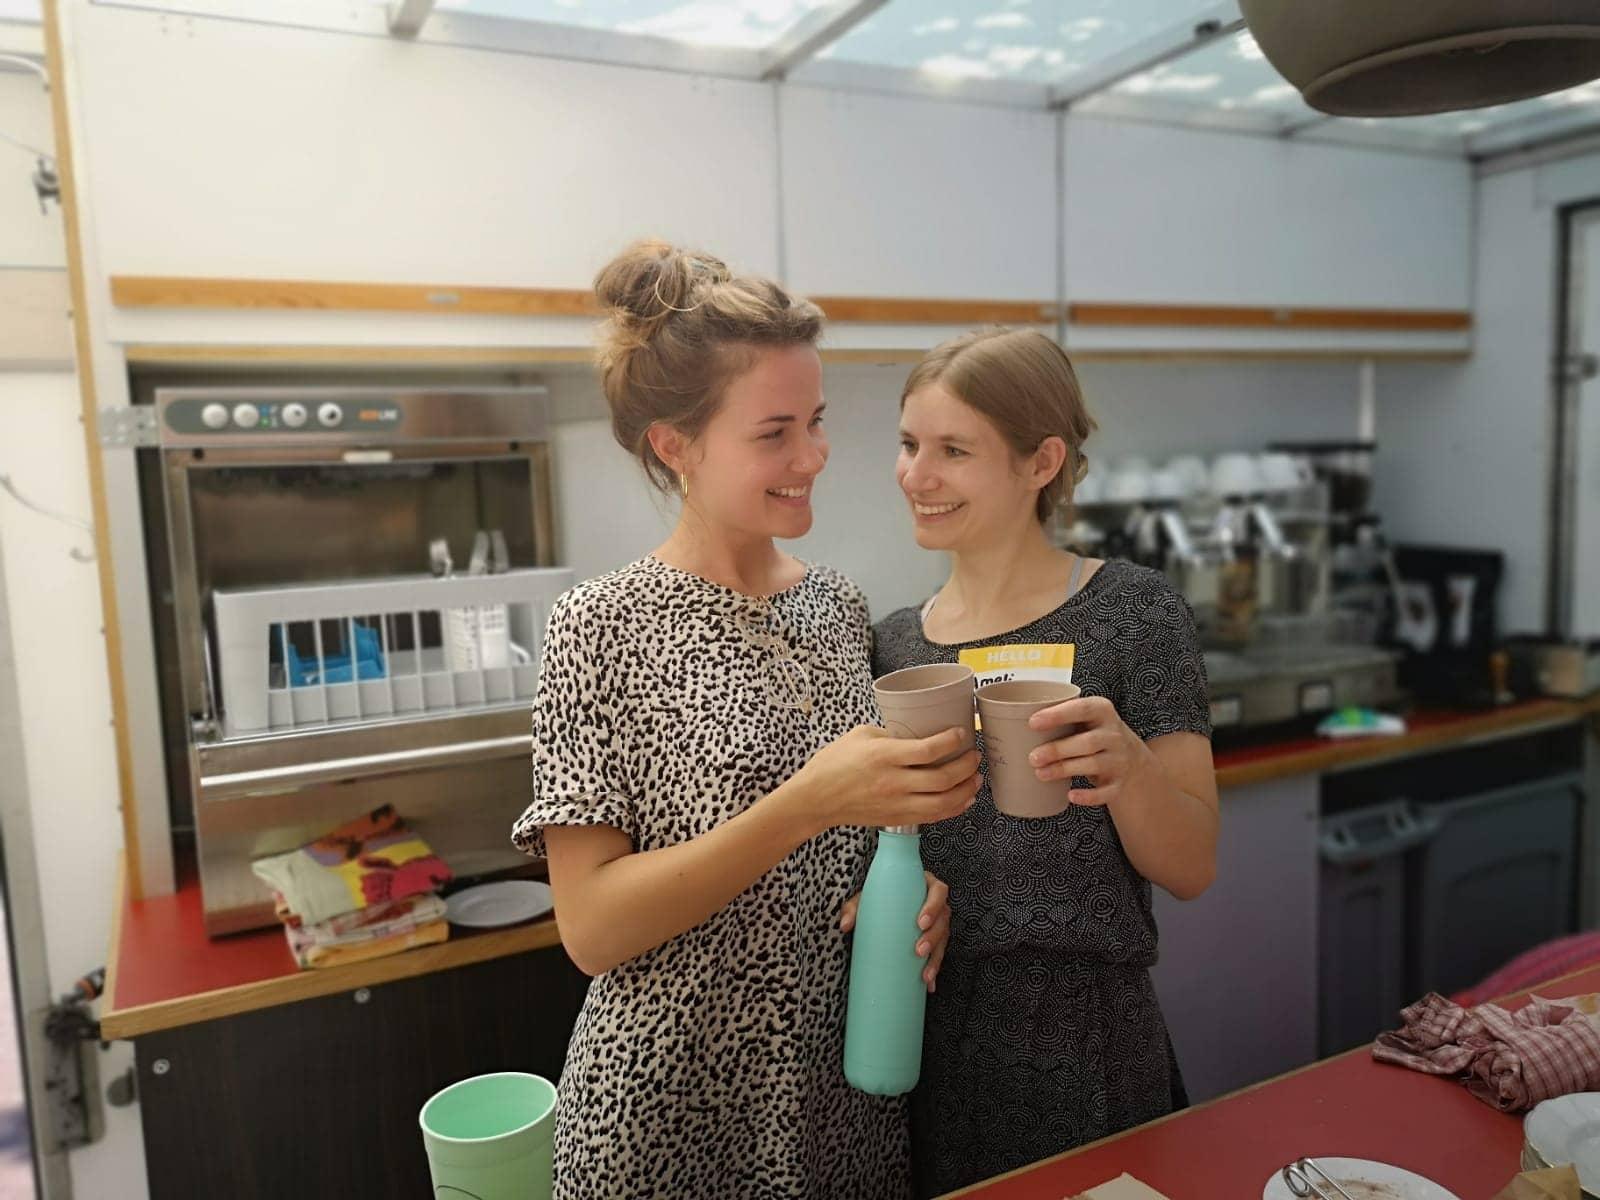 Ameli und Ansi im KaffeeKaffee Truck